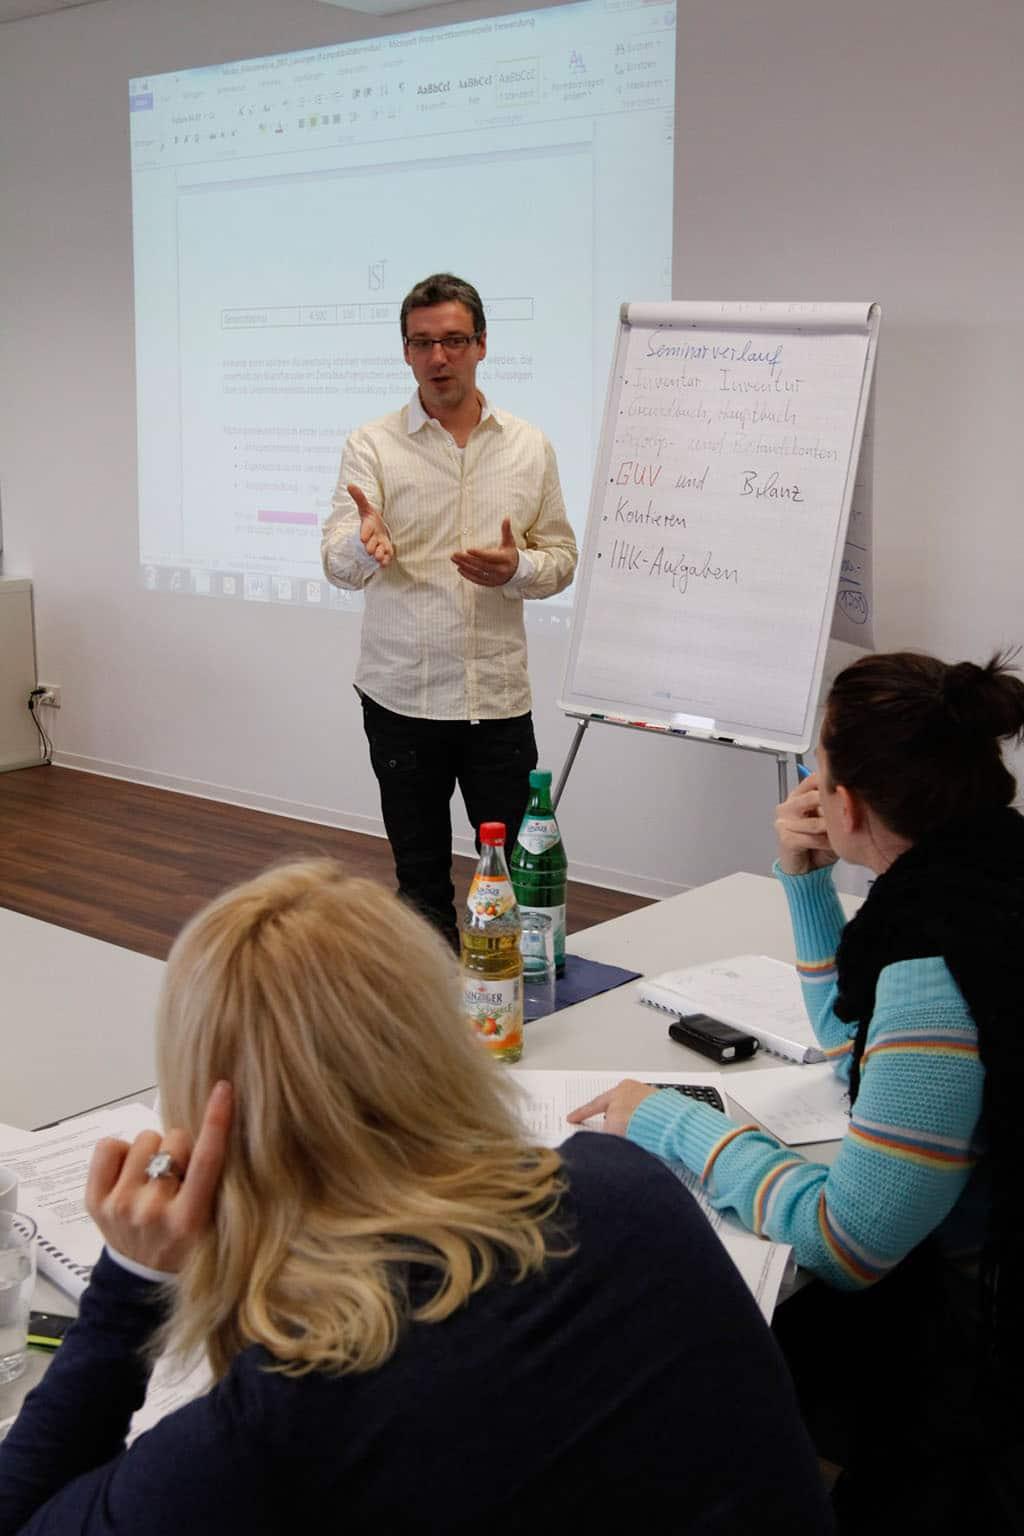 Seminar des Studieninstituts für Kommunikation